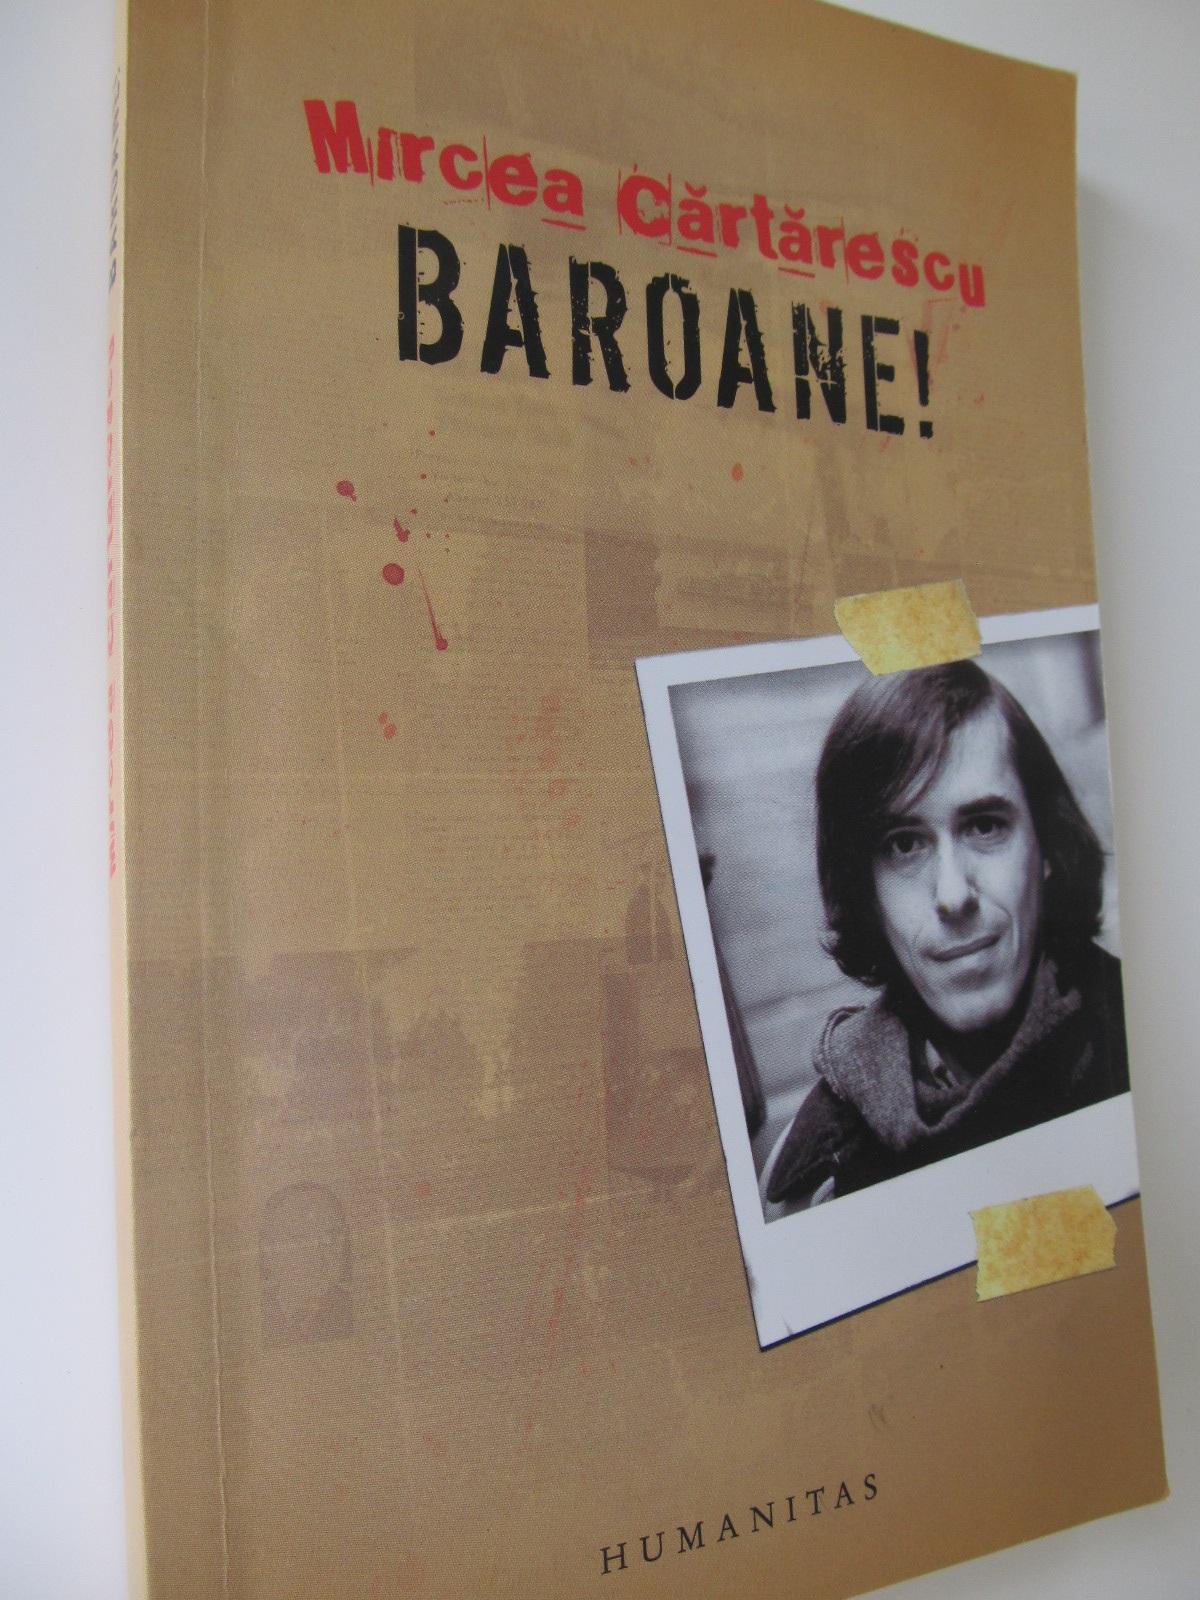 Carte Baroane ! - Mircea Cartarescu